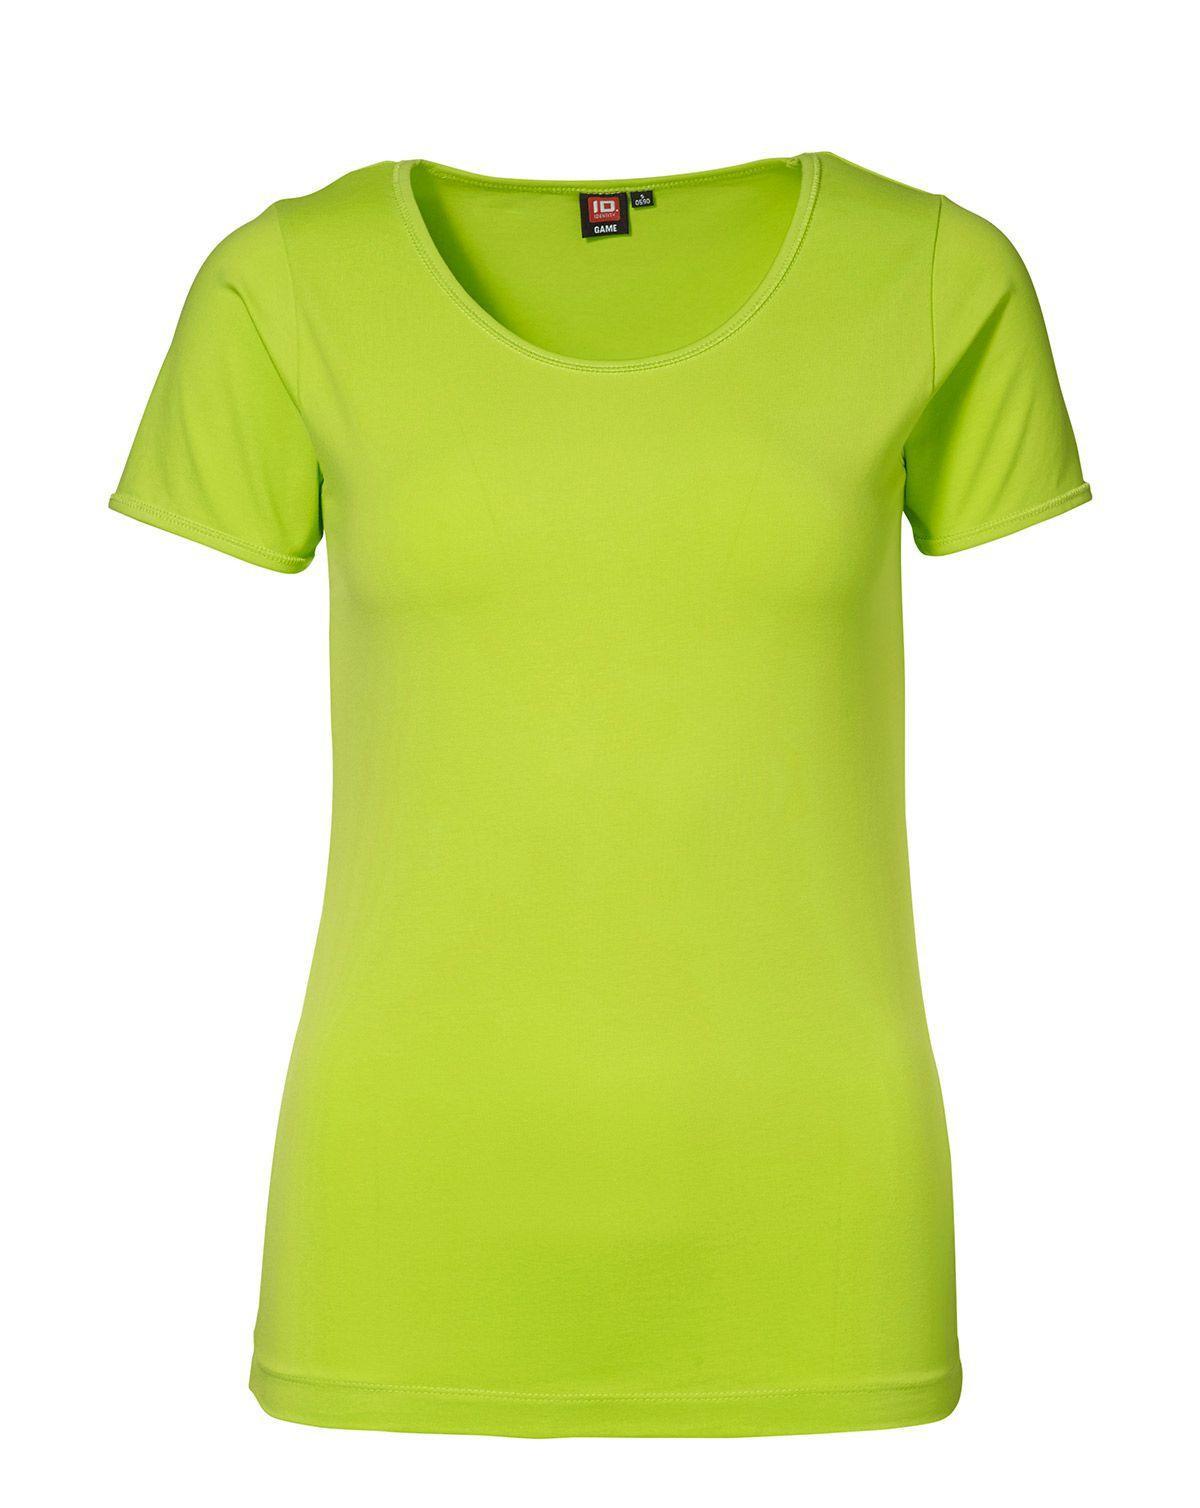 ID Stretch T-shirt för Kvinnor (Lime, XS)